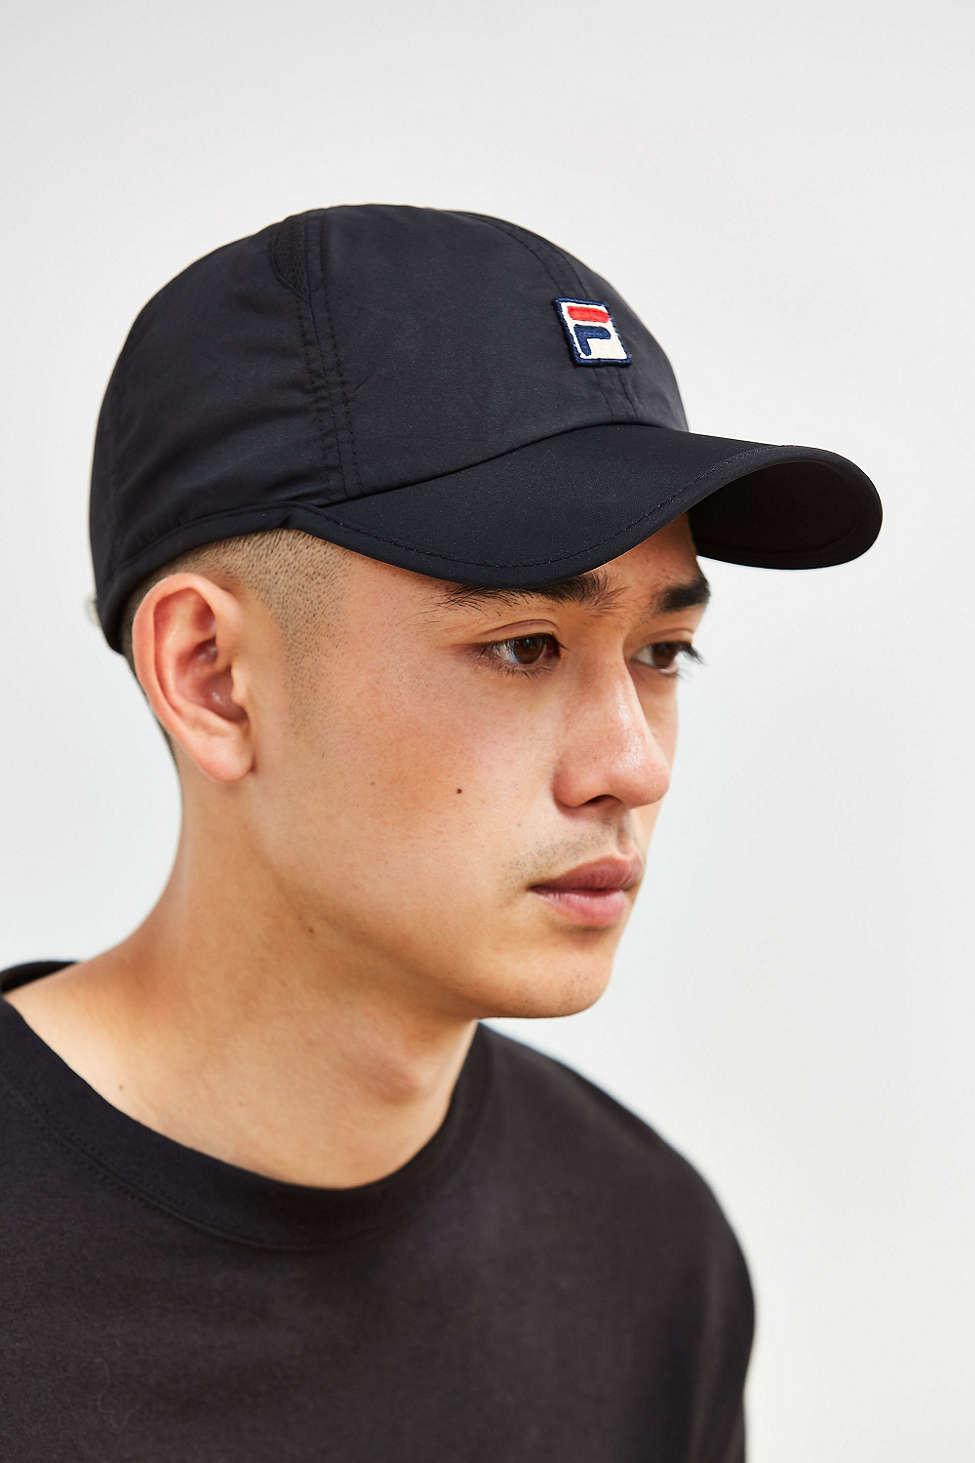 Lyst - Fila Runner Baseball Hat in Black for Men f790b706e1a